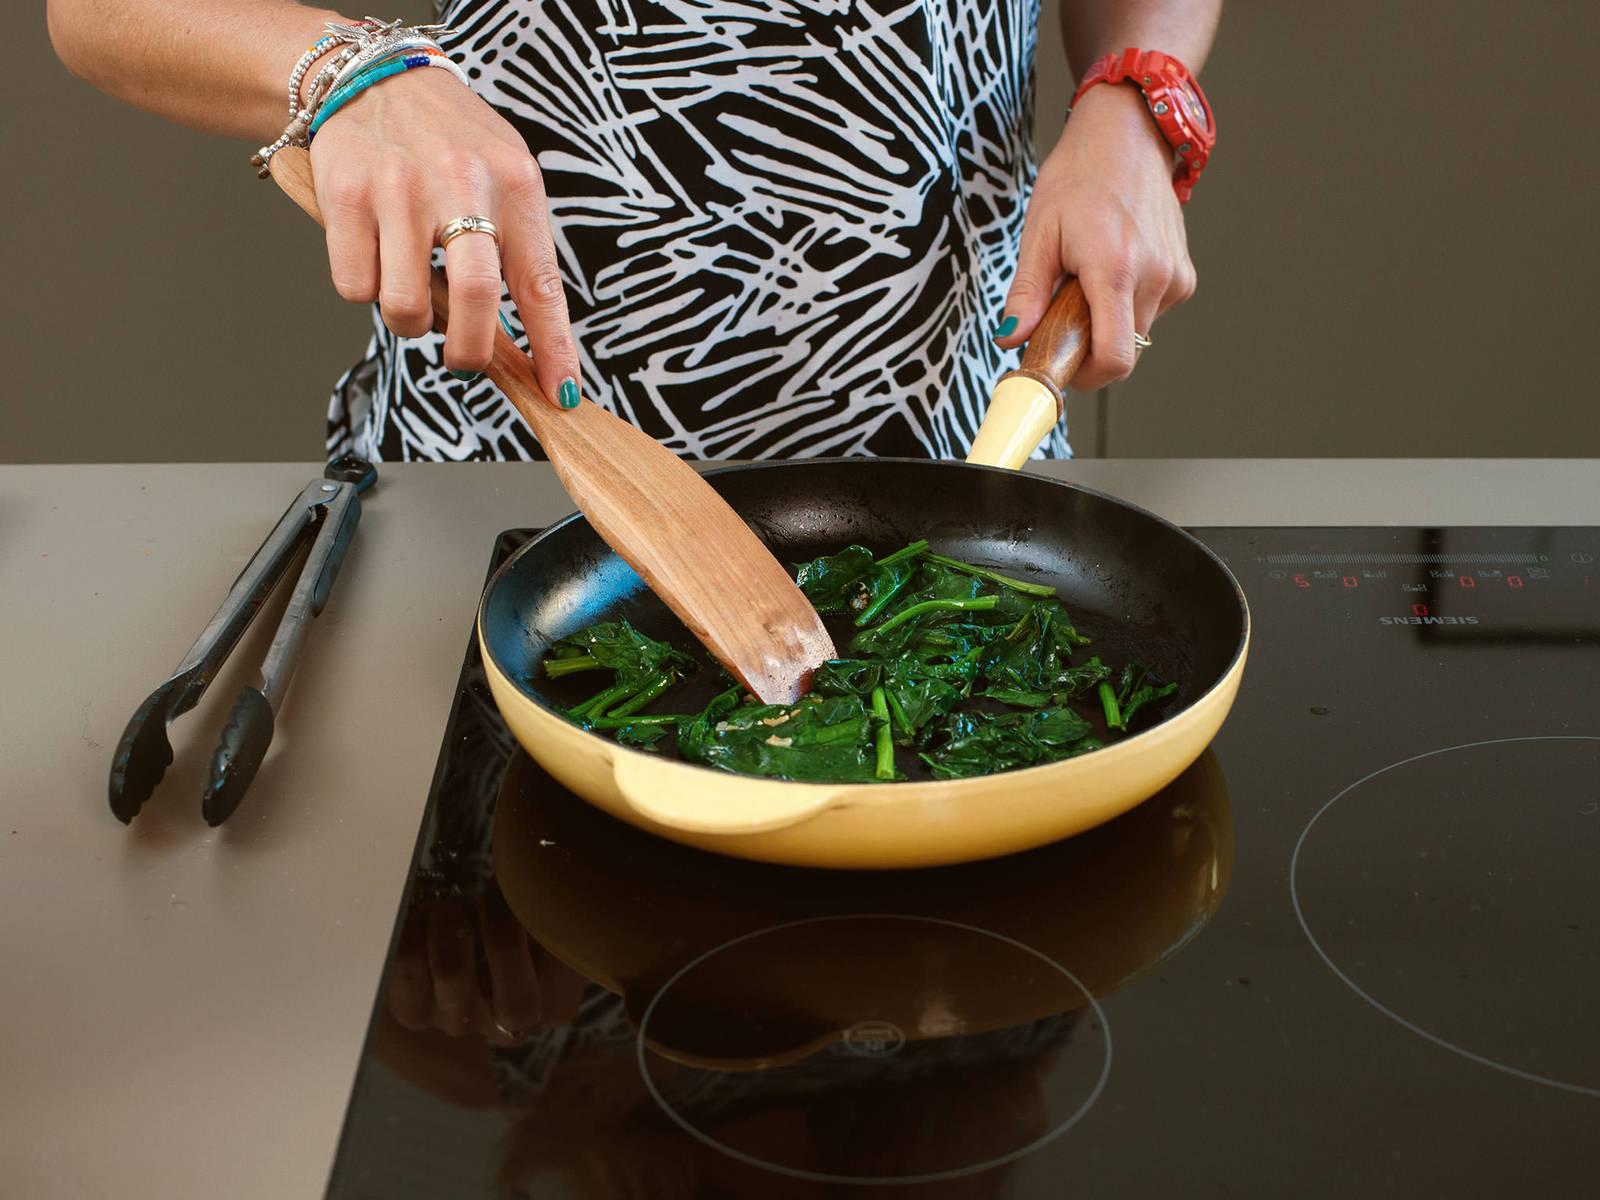 平底锅中加入椰油,加入蒜碎和菠菜,中火炒约1-2分钟至菠菜变软,淋上1/4个柠檬的汁,再加入烘培好的松籽。